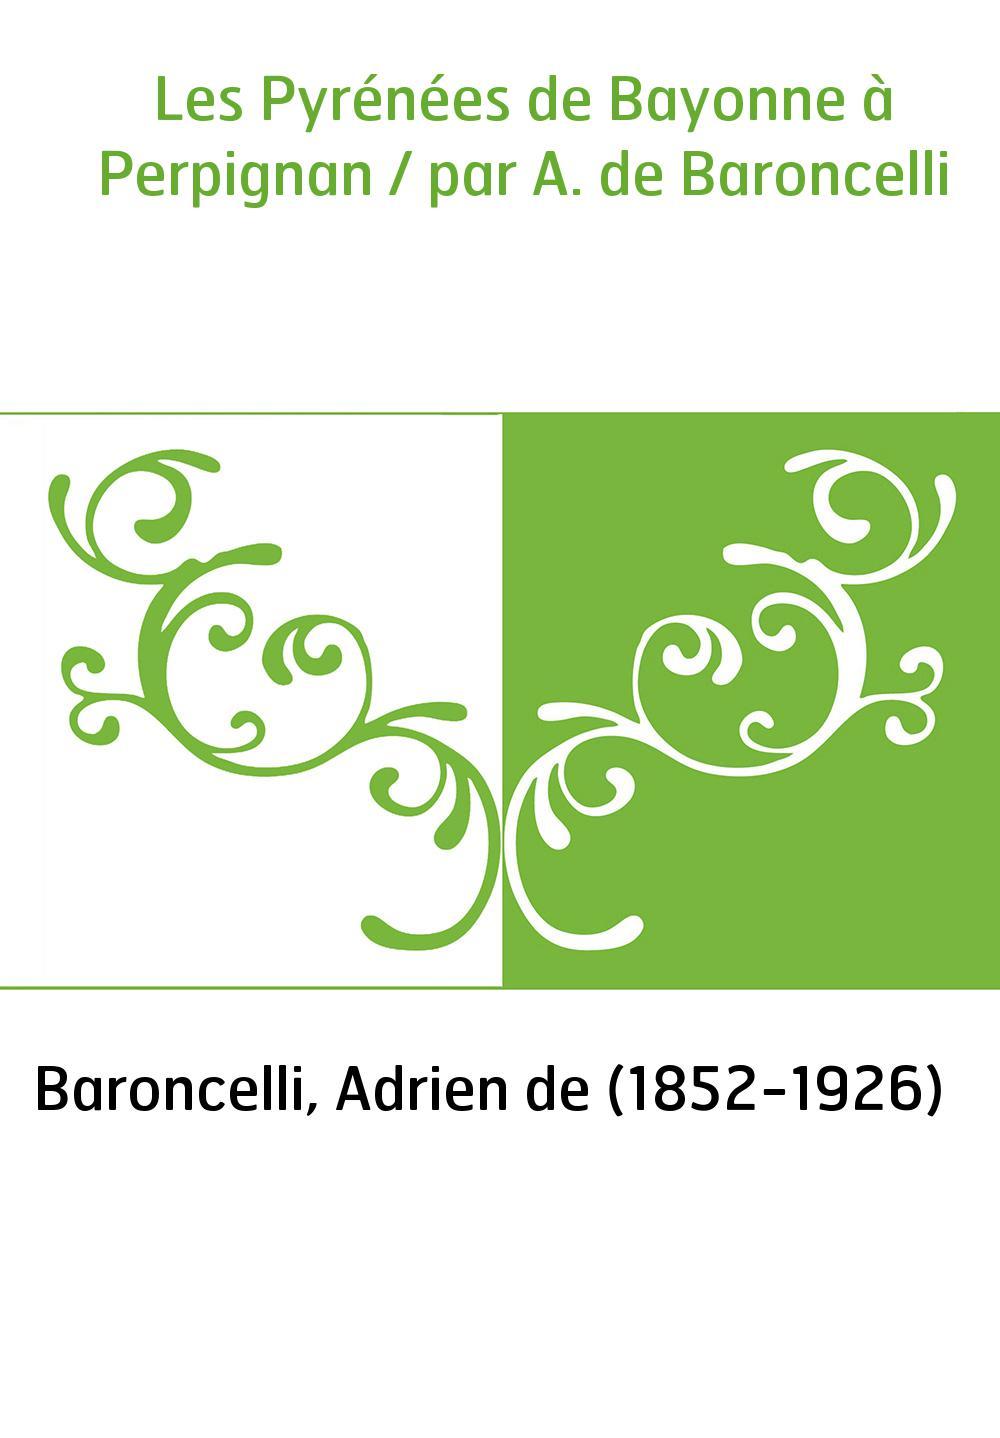 Les Pyrénées de Bayonne à Perpignan / par A. de Baroncelli